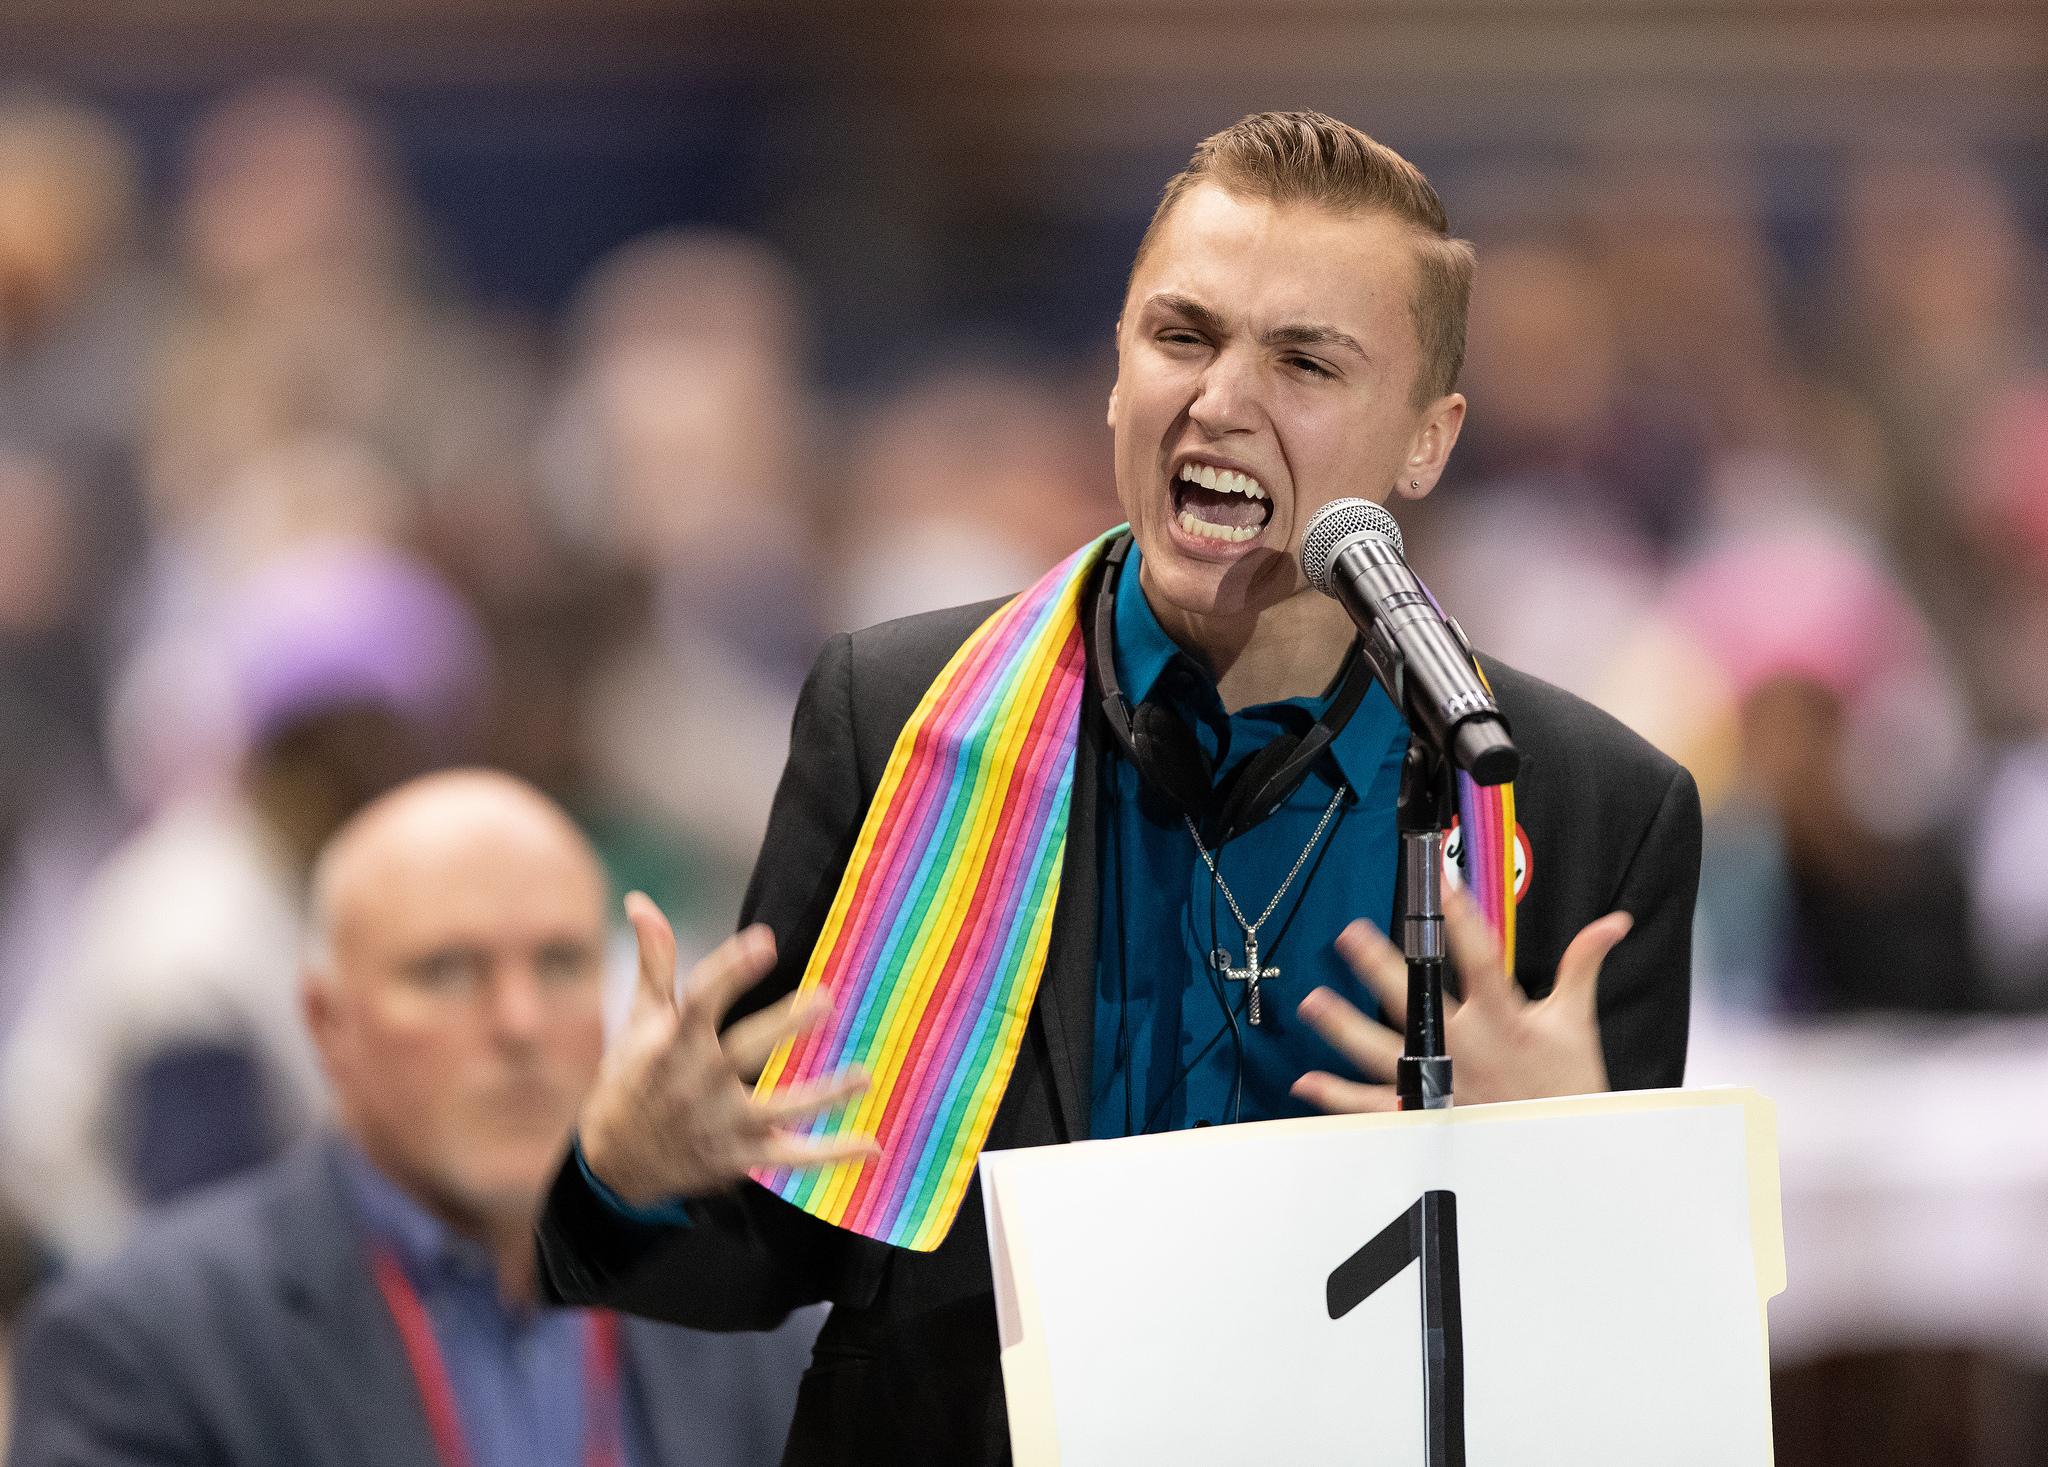 """Jeffrey """"J.J."""" Warren de la Conférence de l'Upper New York parle en faveur d'une inclusion complète des personnes LGBTQ dans la vie de l'Église Méthodiste Unie lors de la Conférence Générale 2019 de l'Eglise Méthodiste Unie à Saint-Louis le 25 février. Il a reçu une réponse émotionnelle des délégués et des observateurs. Cette conférence spéciale a été convoquée pour tenter d'aider la dénomination à faire face à ses différences de longue date en matière de sexualité. Photo de Mike DuBose, UMNS."""